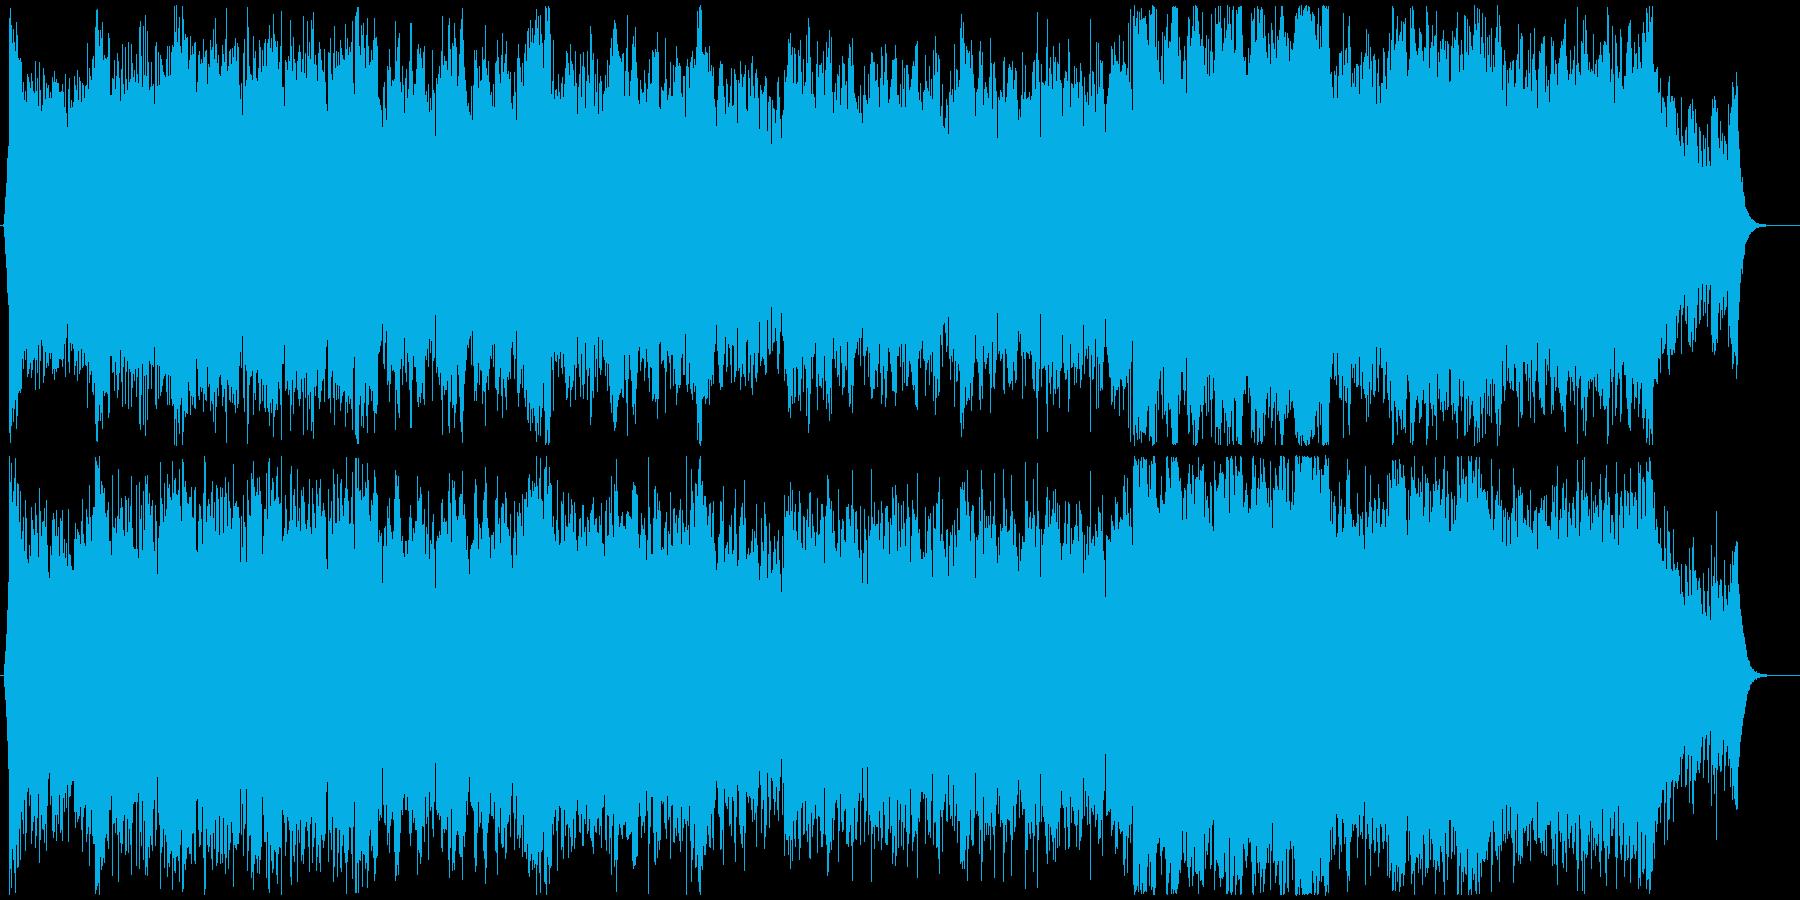 【EDM】爽やかなドラムンベース フル歌の再生済みの波形